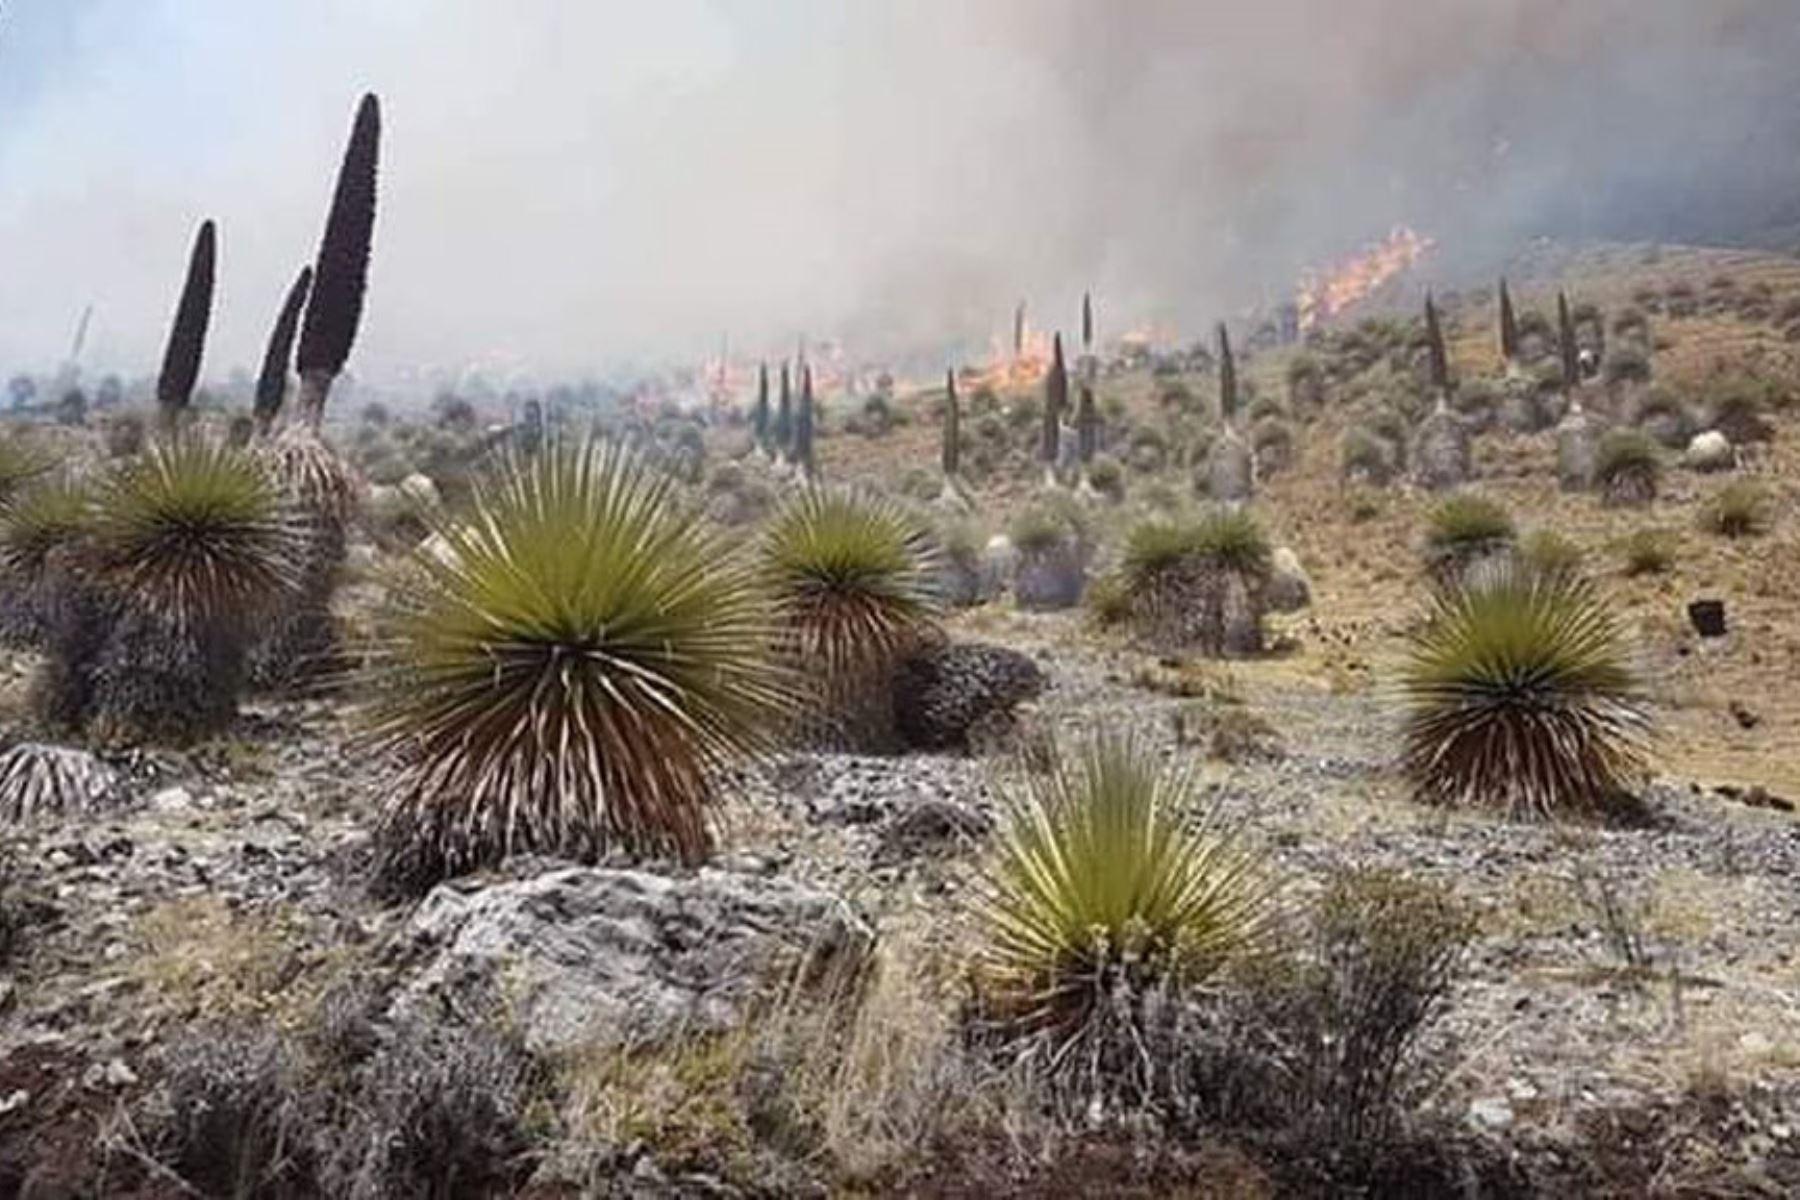 Incendio forestal afecta bosque de puyas del distrito de Aquia, provincia de Bolognesi, informó el Centro de Operaciones de Emergencia Regional Áncash.